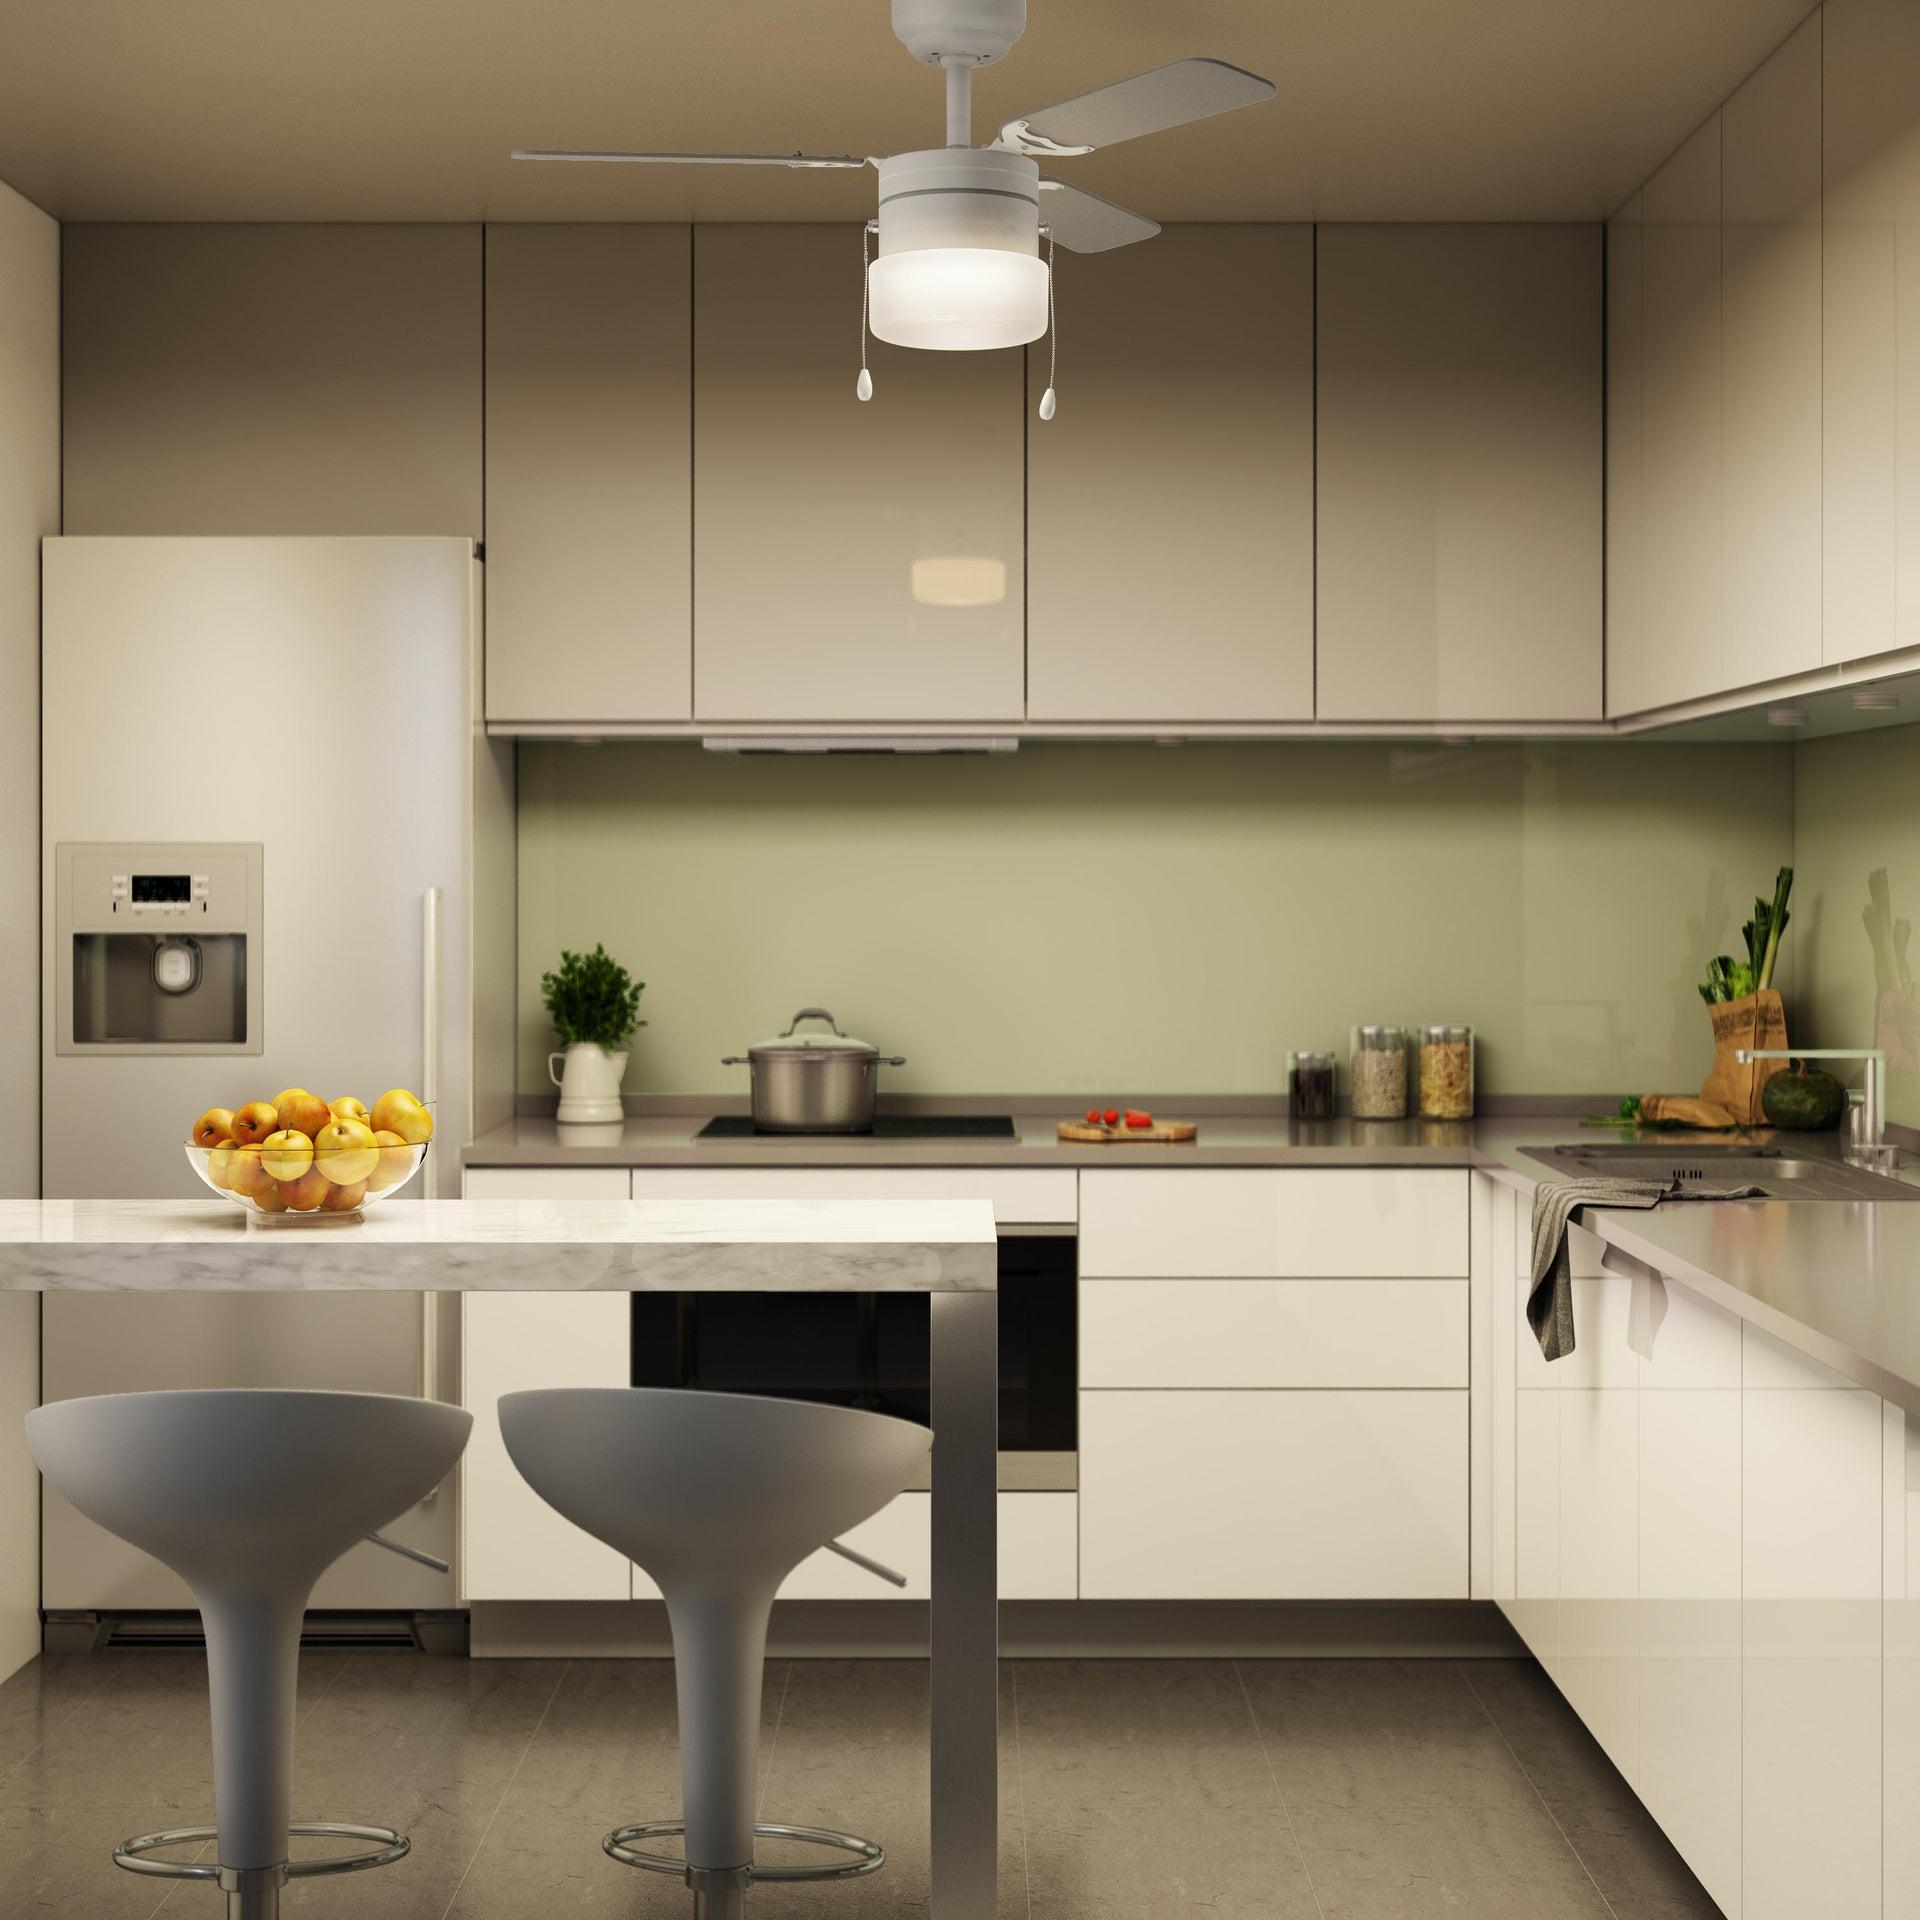 Ventilatore da soffitto Ana, grigio argento/bianco, D. 91 cm INSPIRE - 5